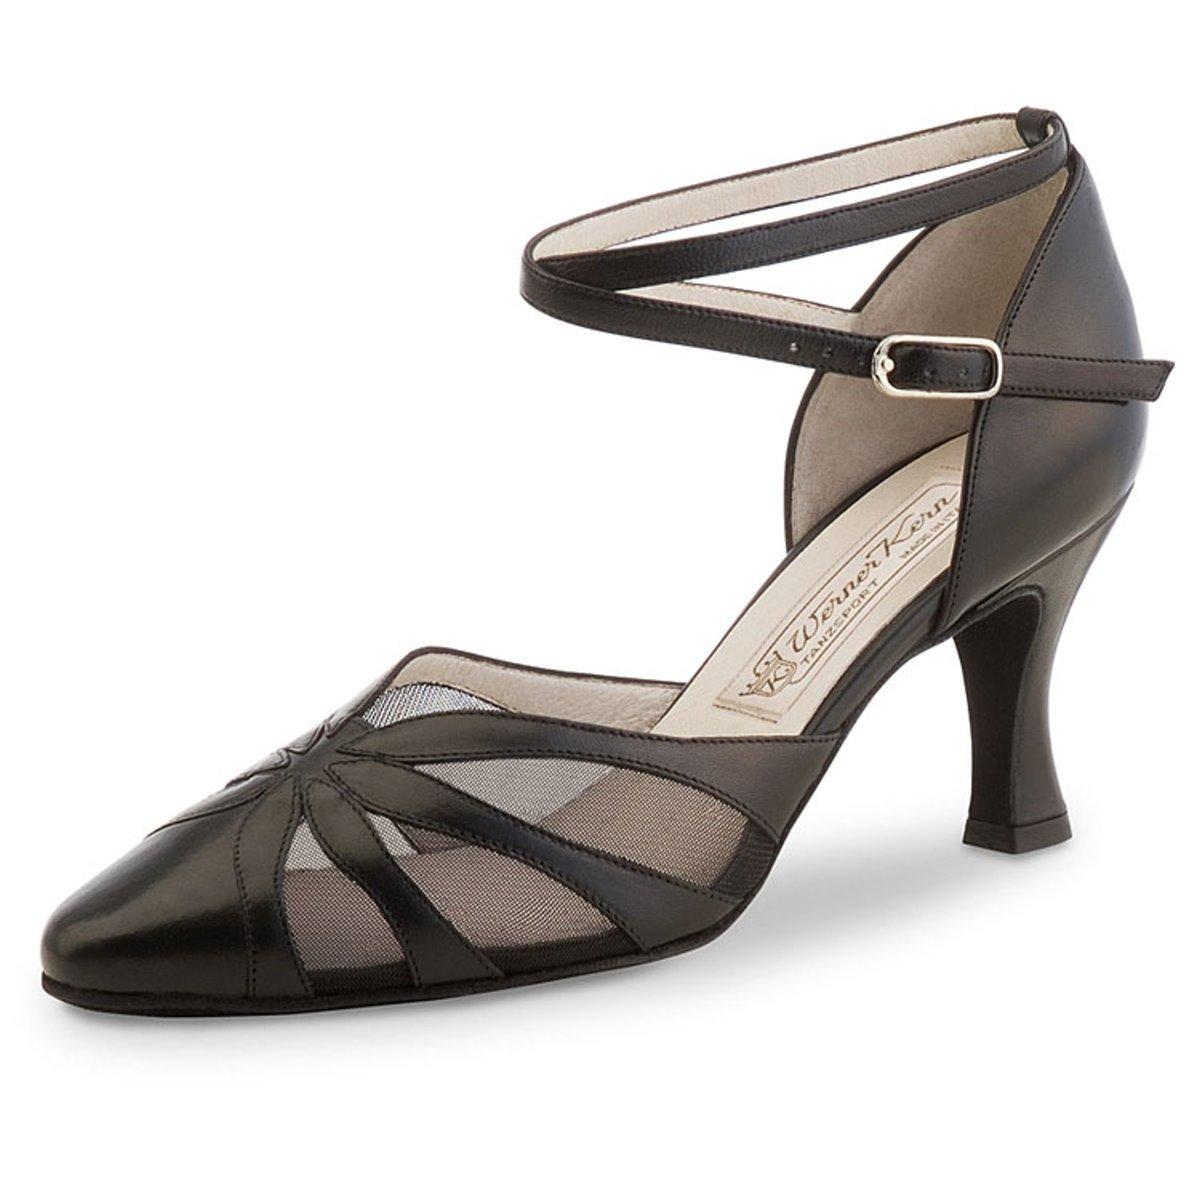 Werner Kern Linda 6.5_nb, Chaussons de danse pour femme noir noir Werner Kern Linda 6.5_nb Daniela 3 4